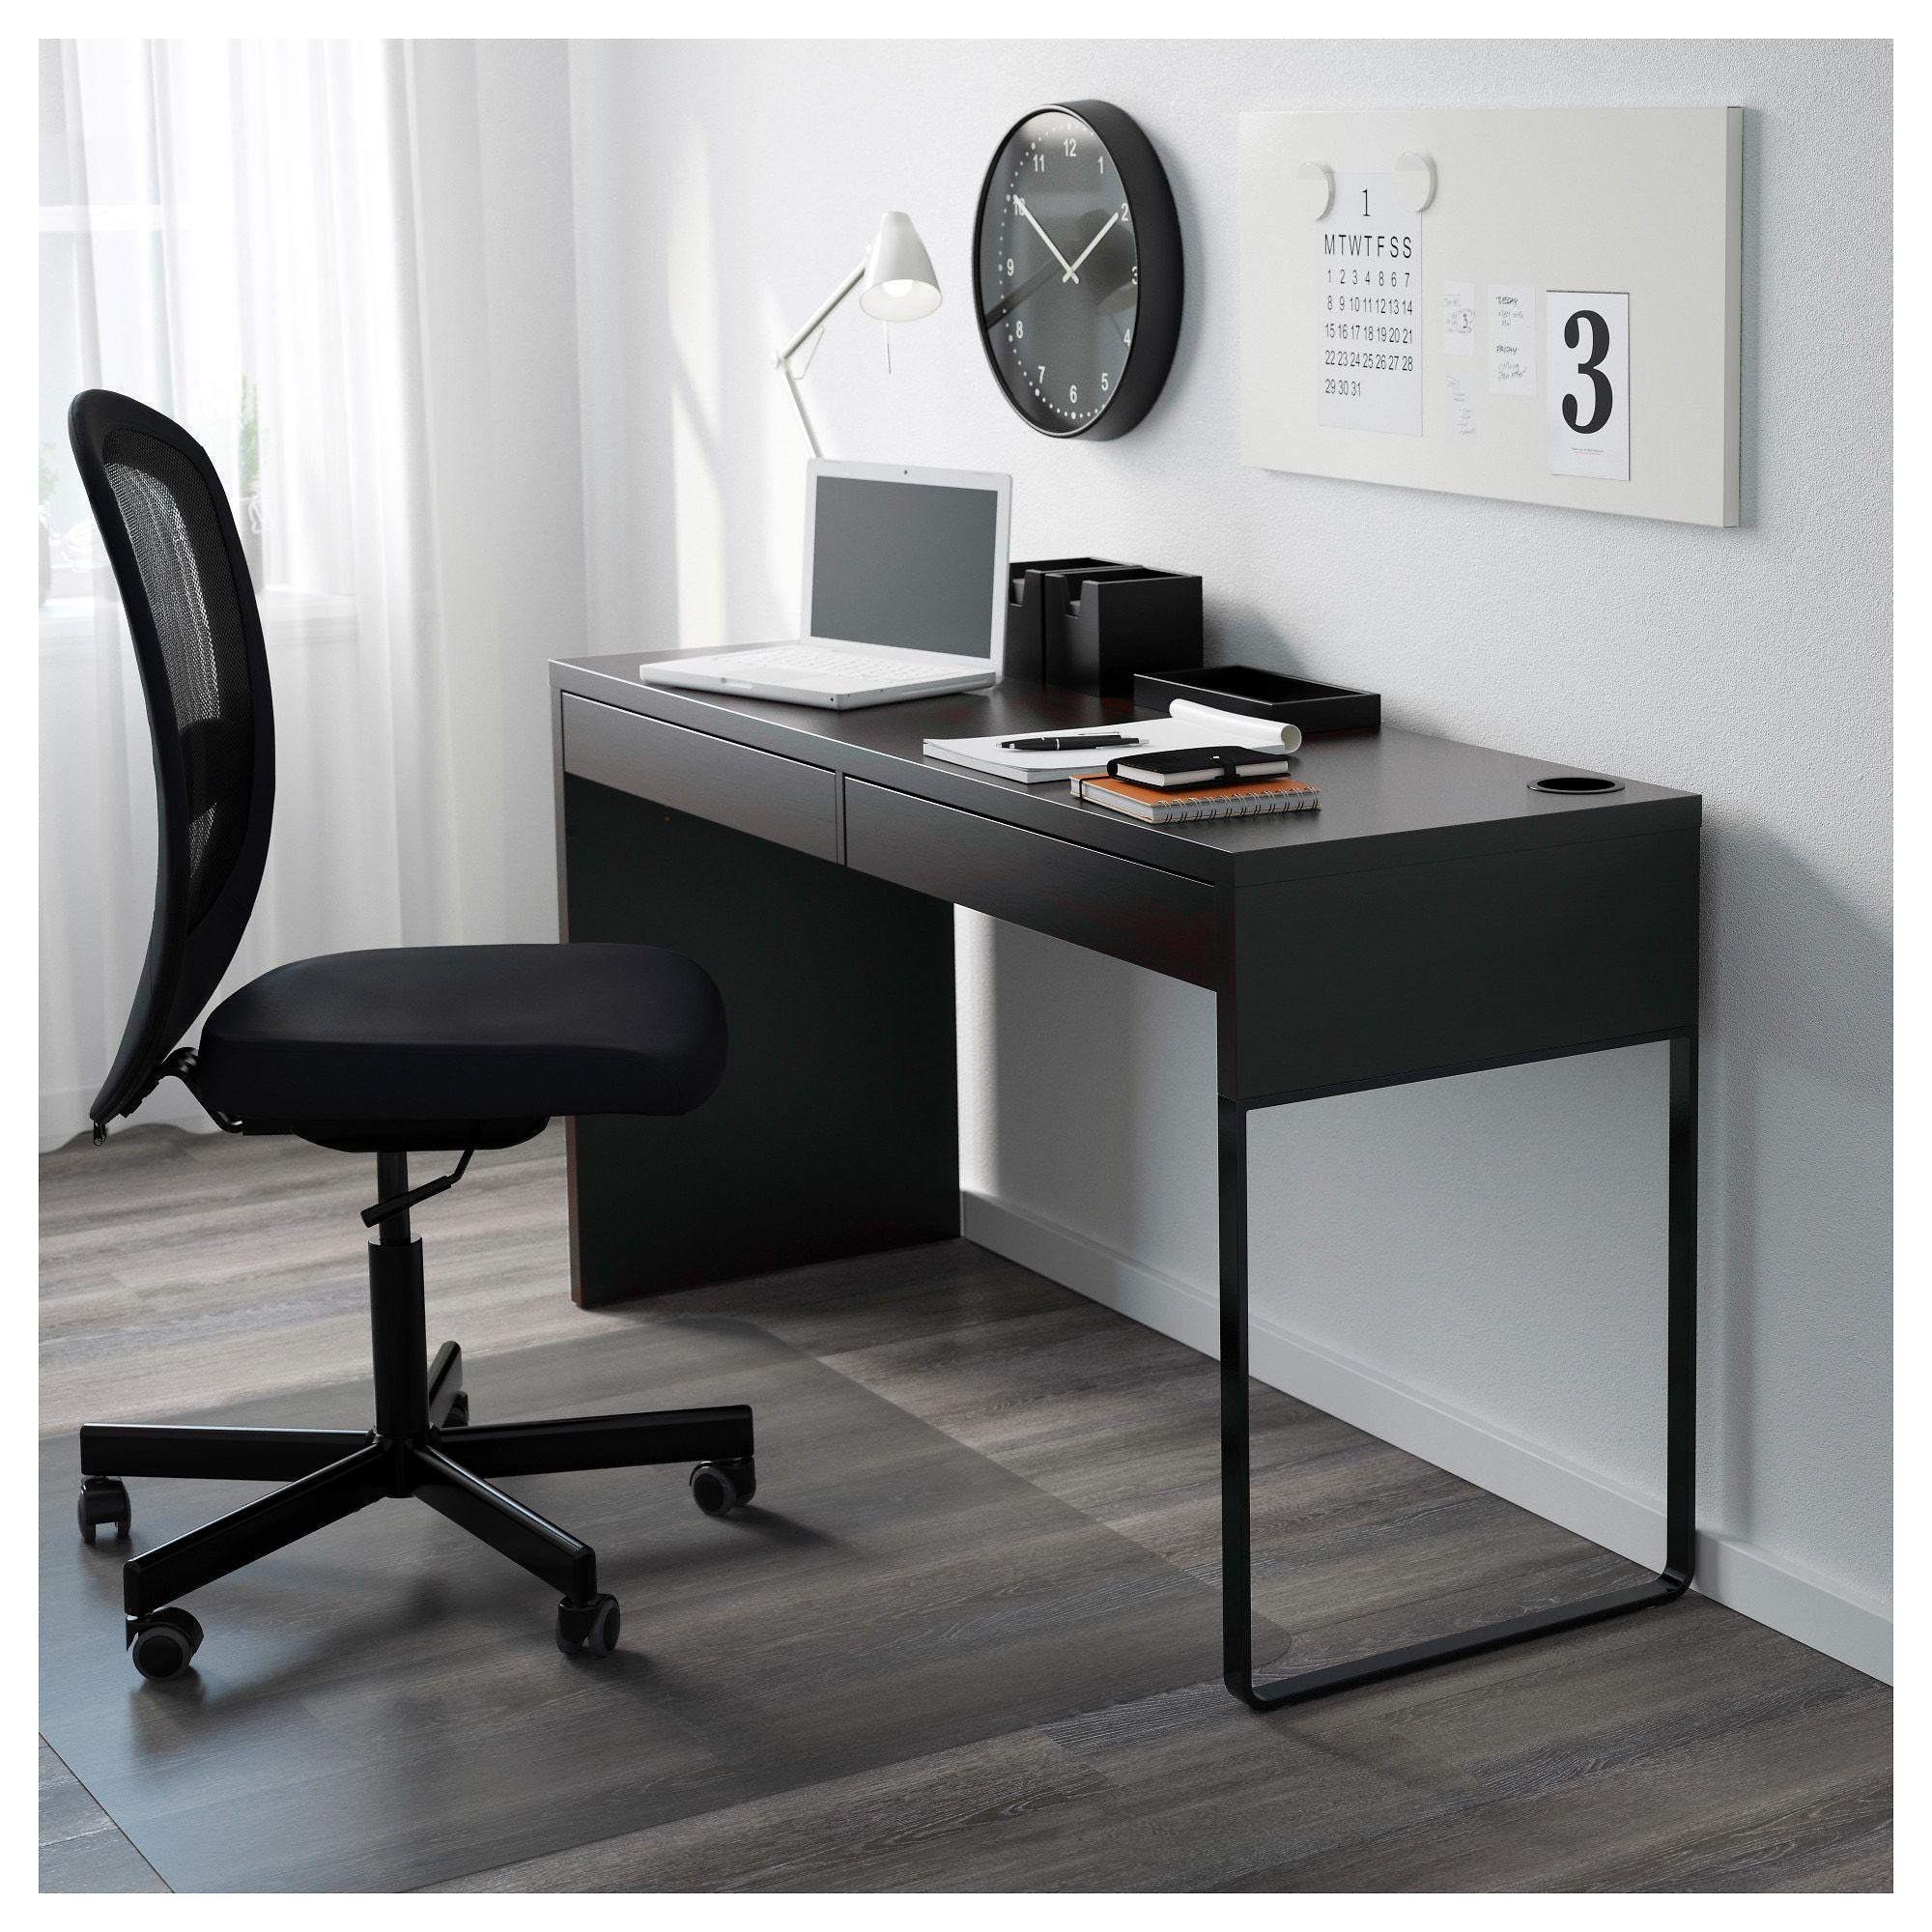 Kupit Mikke Pismennyj Stol Belyj 142x50 Sm Po Vygodnoj Cene V Internet Magazine Ikea Micke Desk Ikea Micke Desk Ikea Small Desk